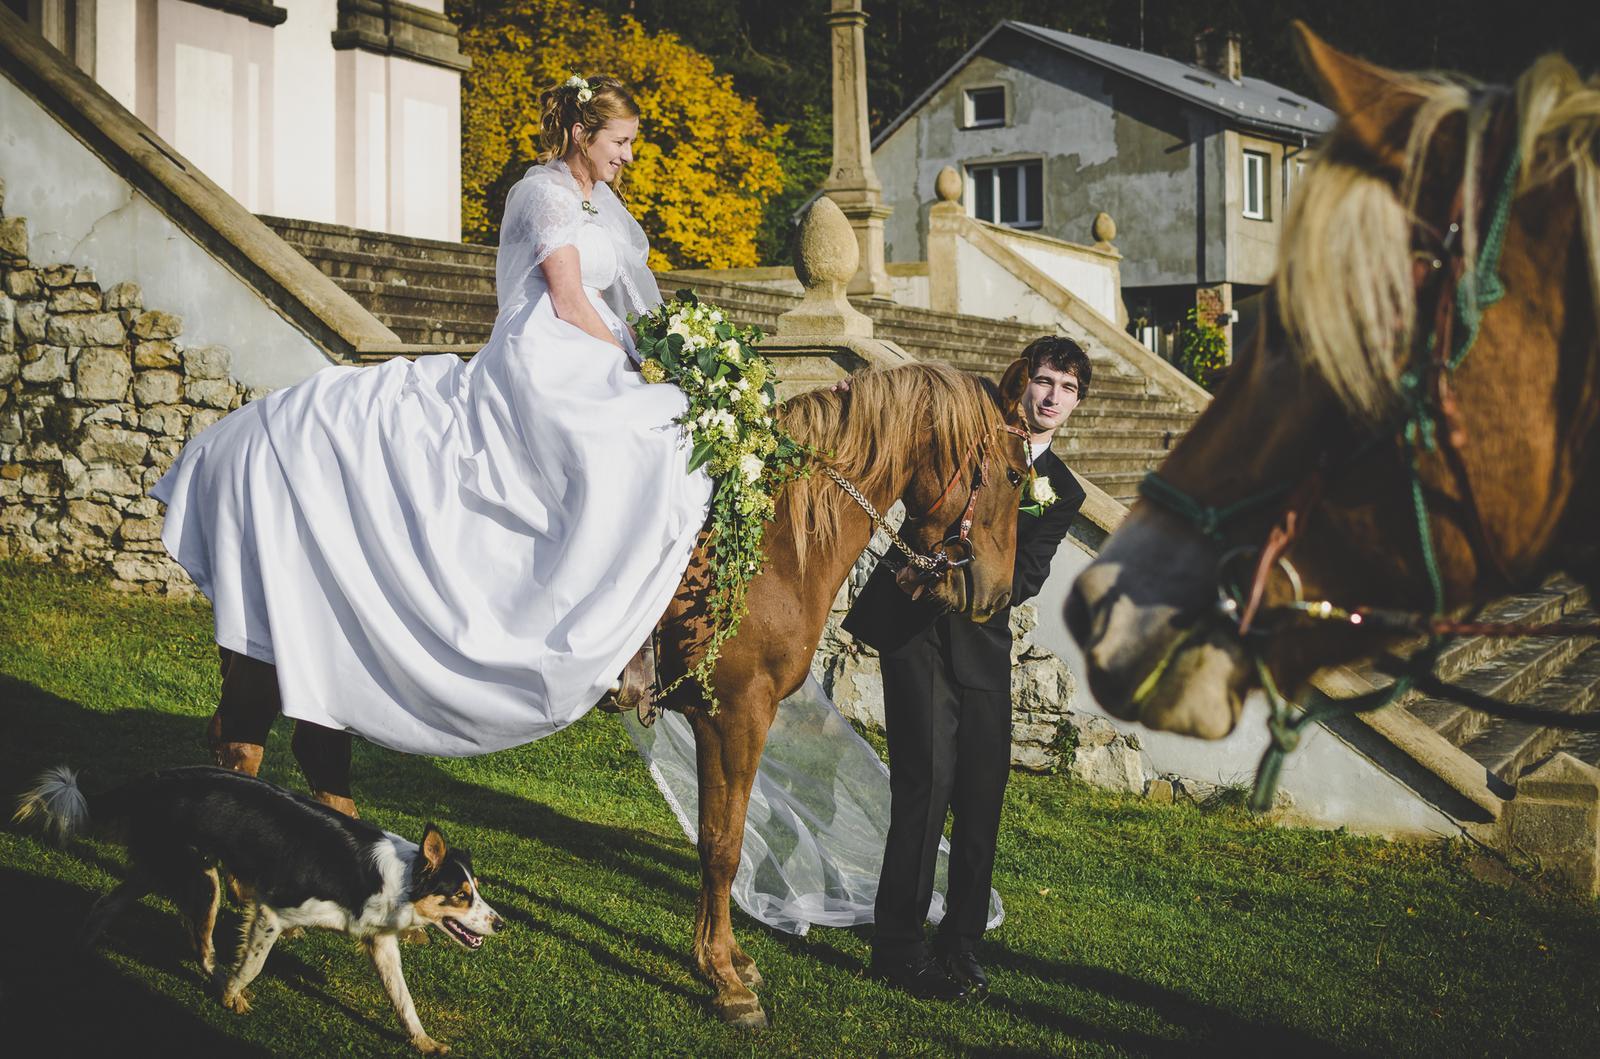 Něco málo že svatby... - Obrázek č. 1